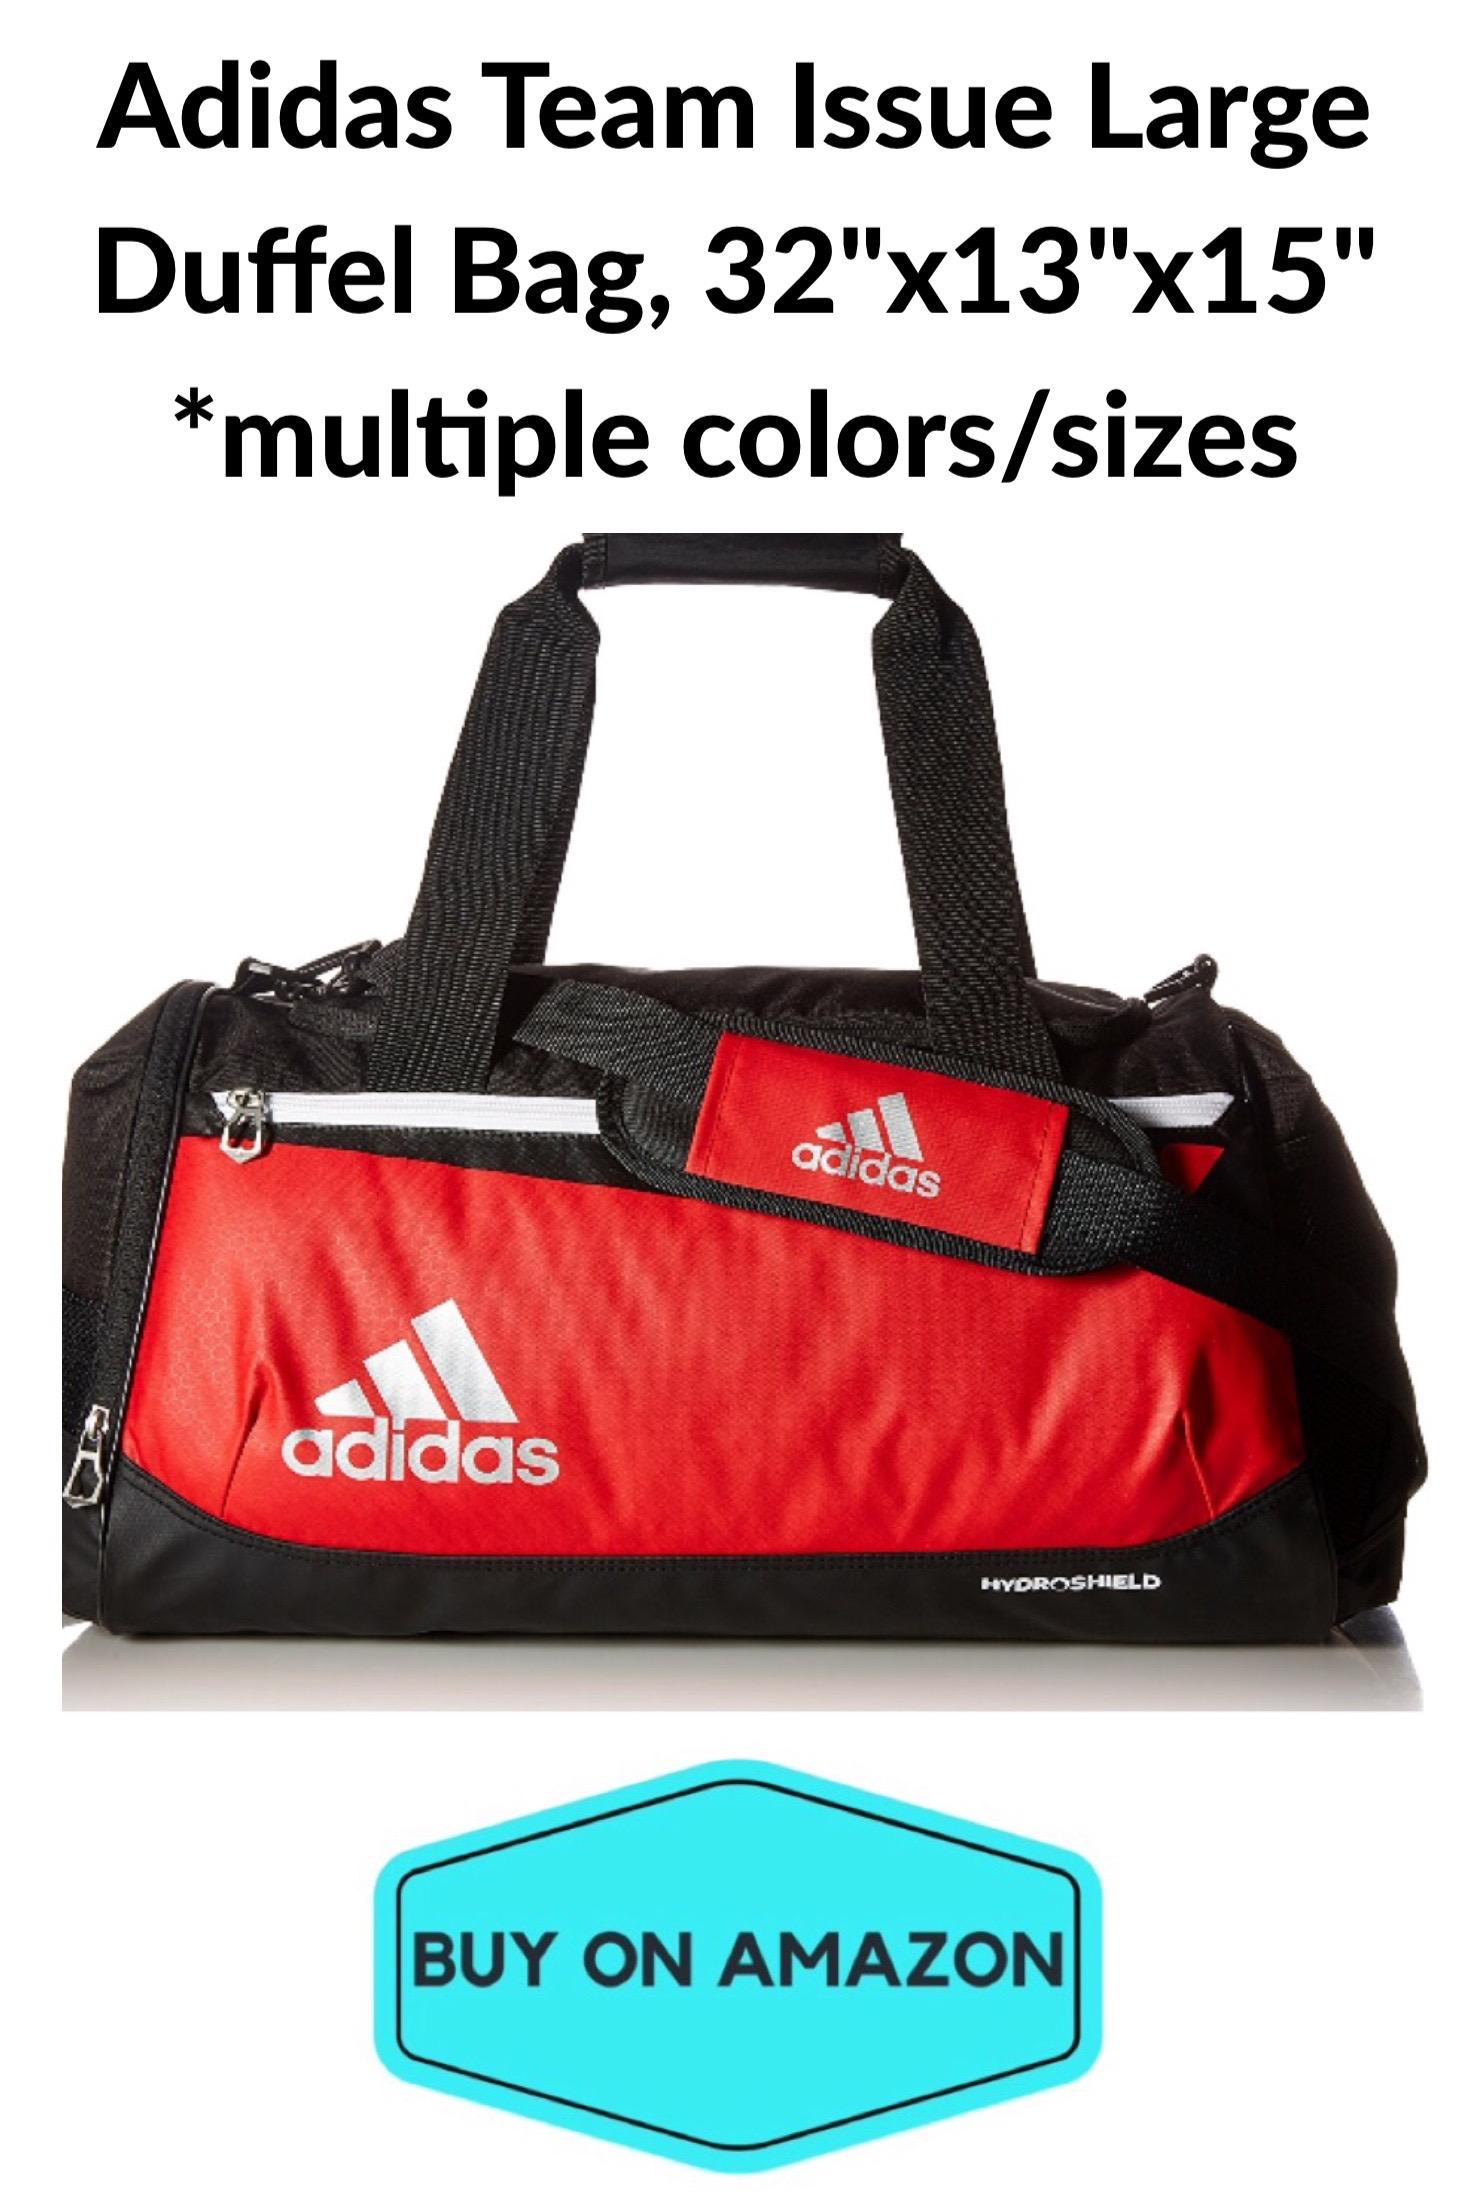 Adidas Team Issue Large Duffel Bag